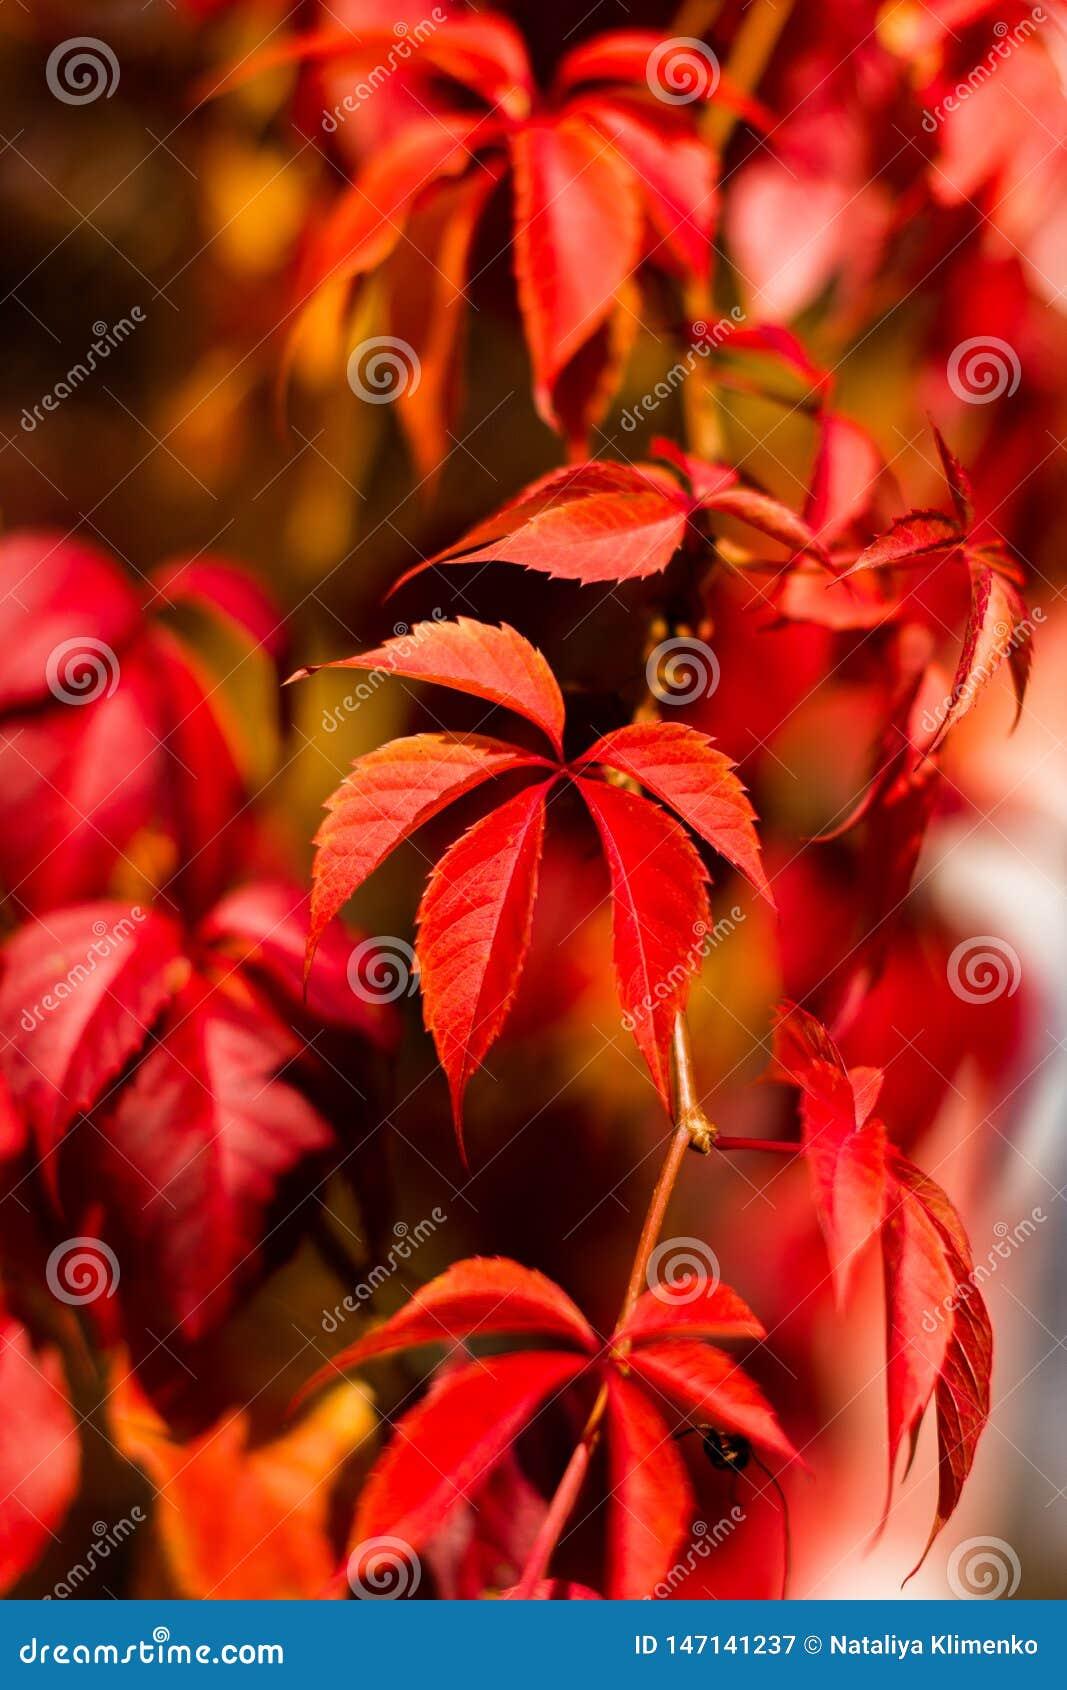 Κόκκινος-πορτοκαλιά φύλλα των άγριων σταφυλιών μια θερμή ημέρα φθινοπώρου